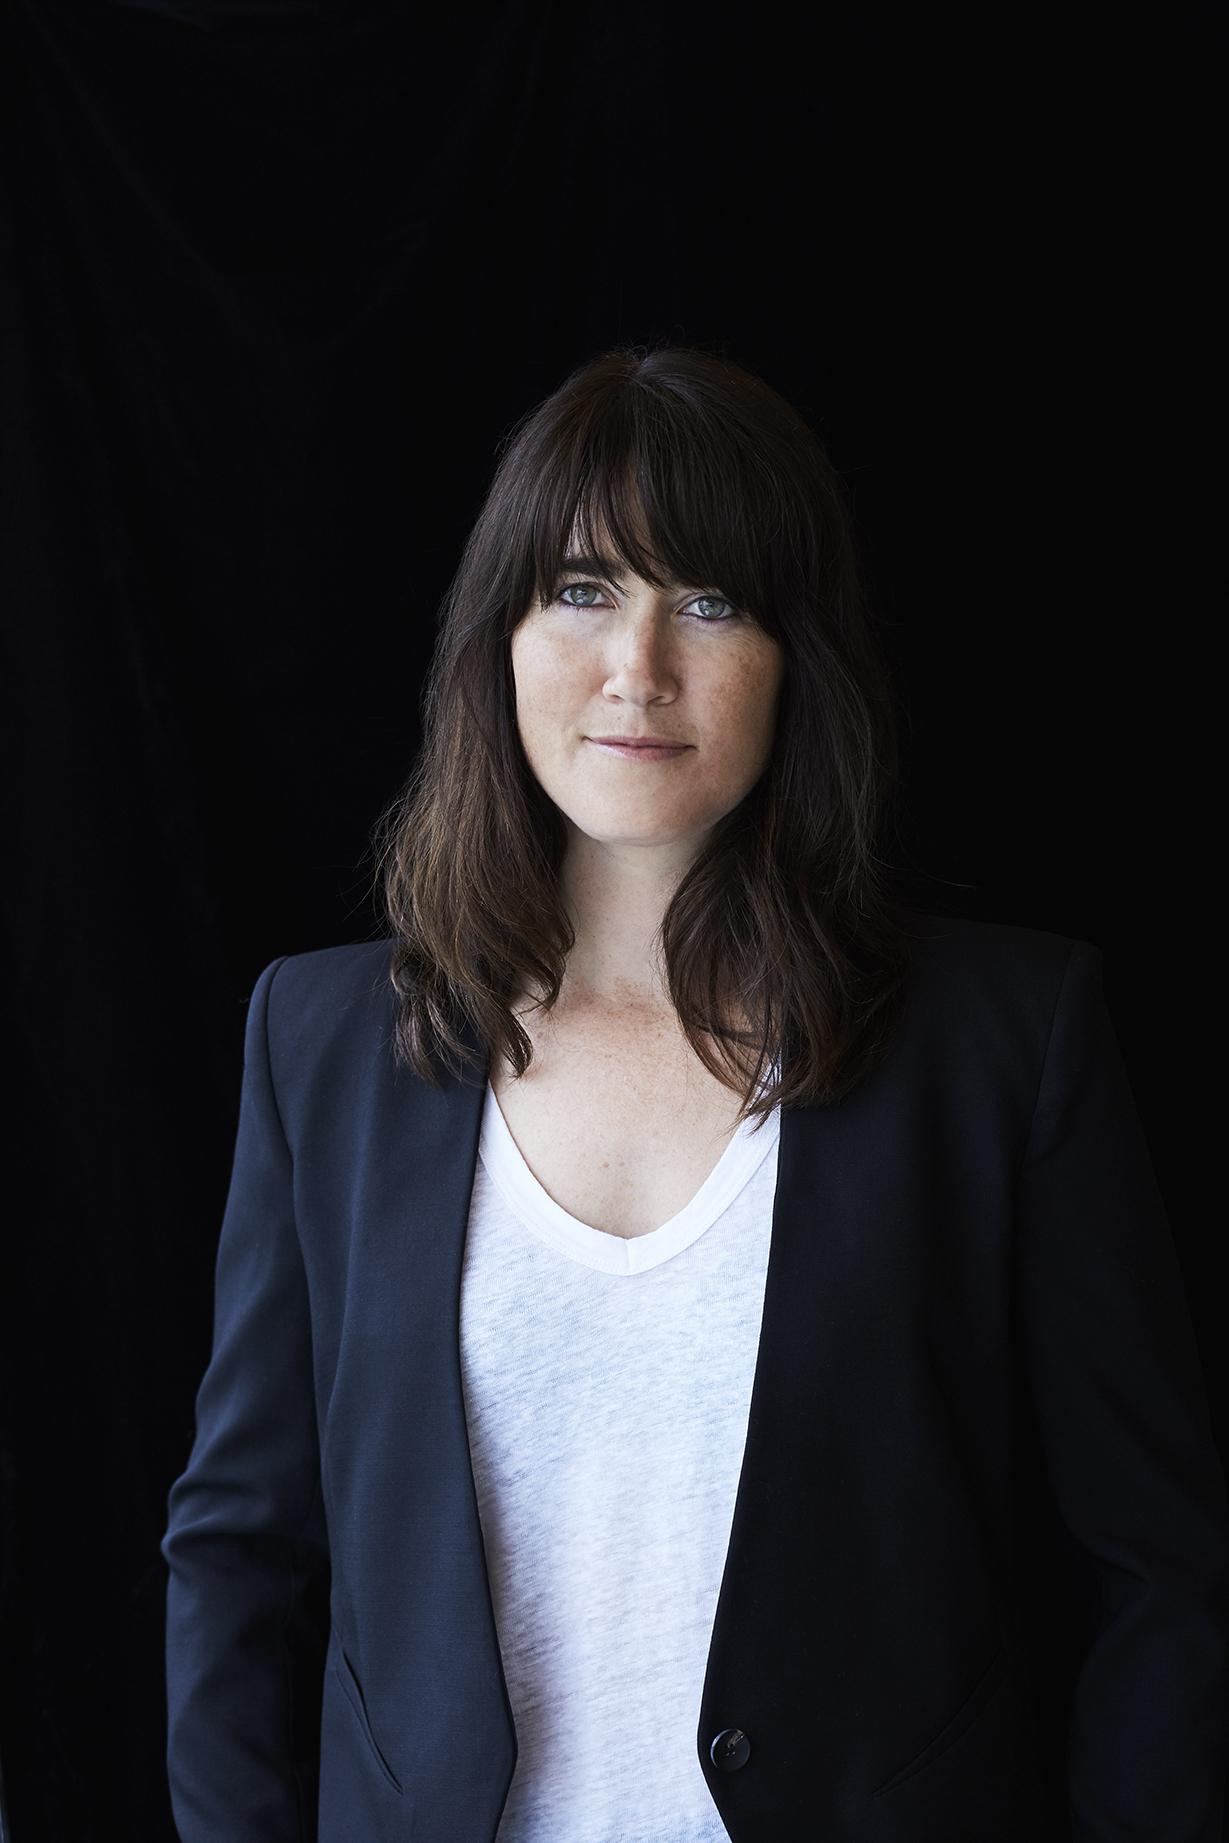 Alicia Taylor